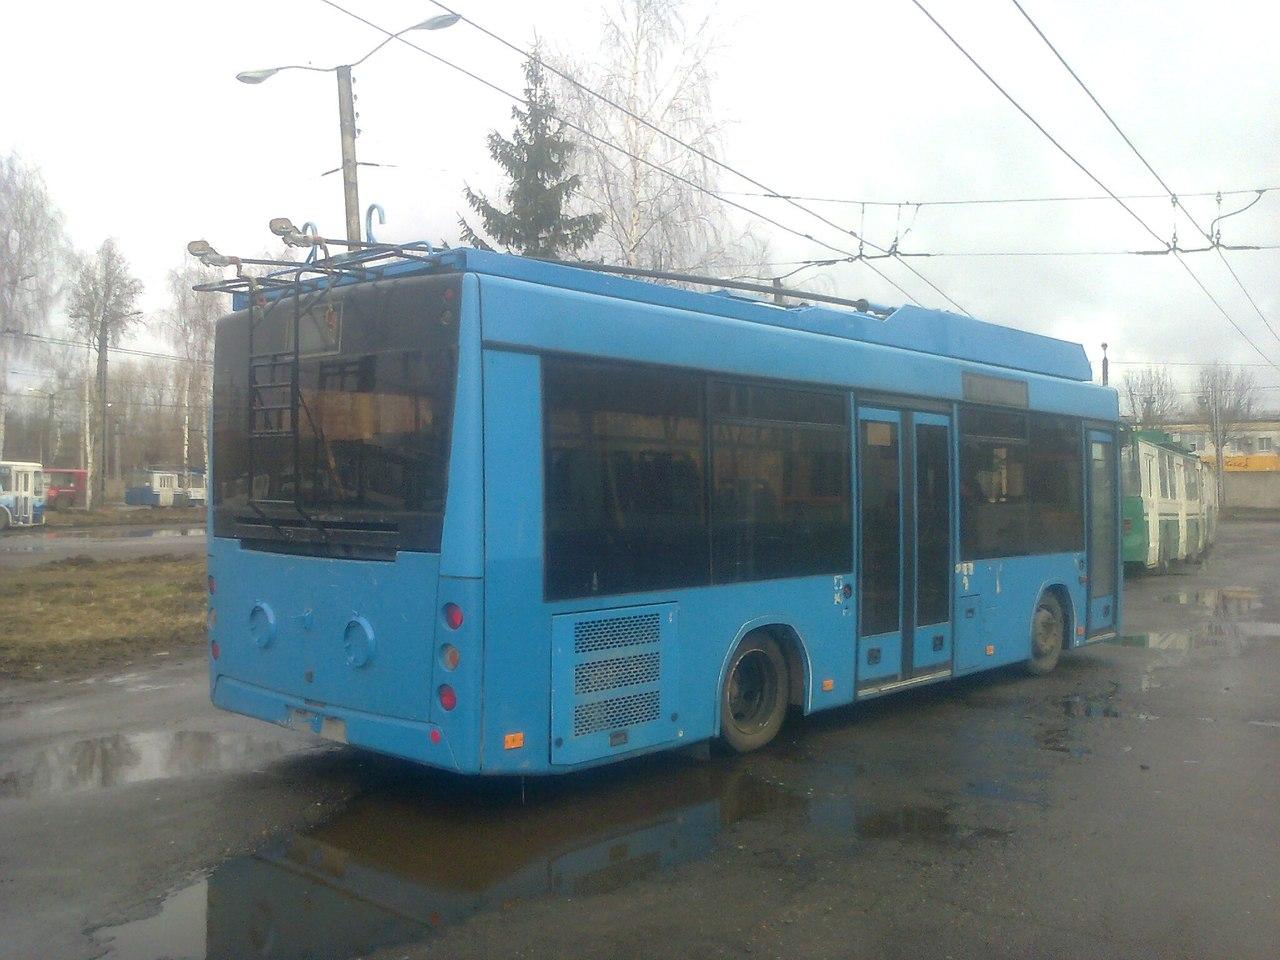 Фото: Иваново — Троллейбусы без номеров — TransPhoto